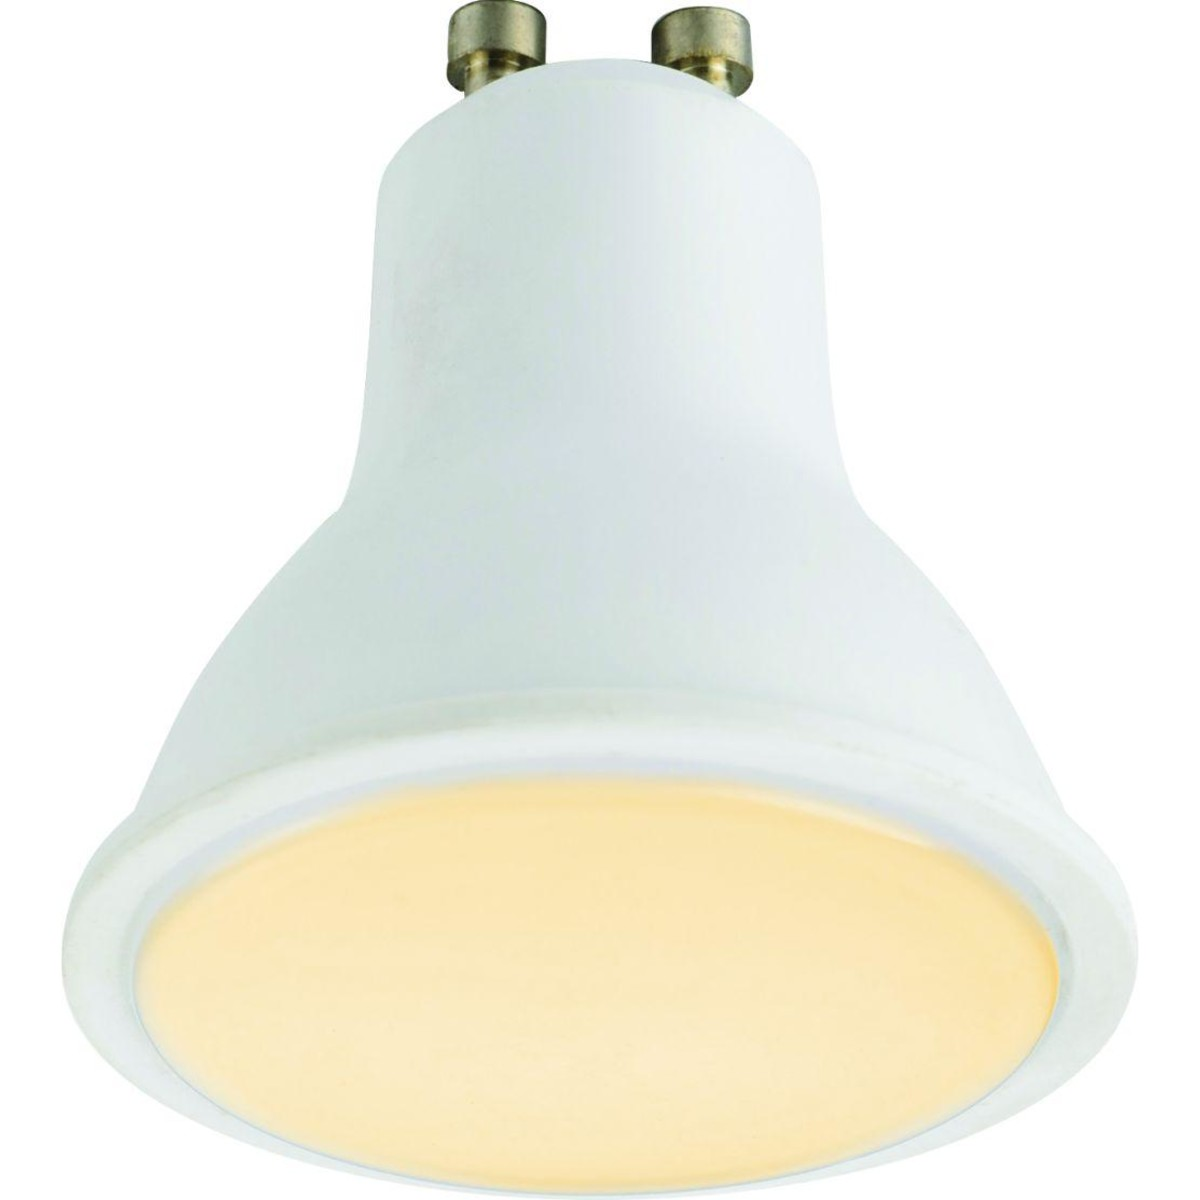 Лампа Ecola Premium светодионая GU10 7 Вт рефлекторная 630 Лм теплый свет